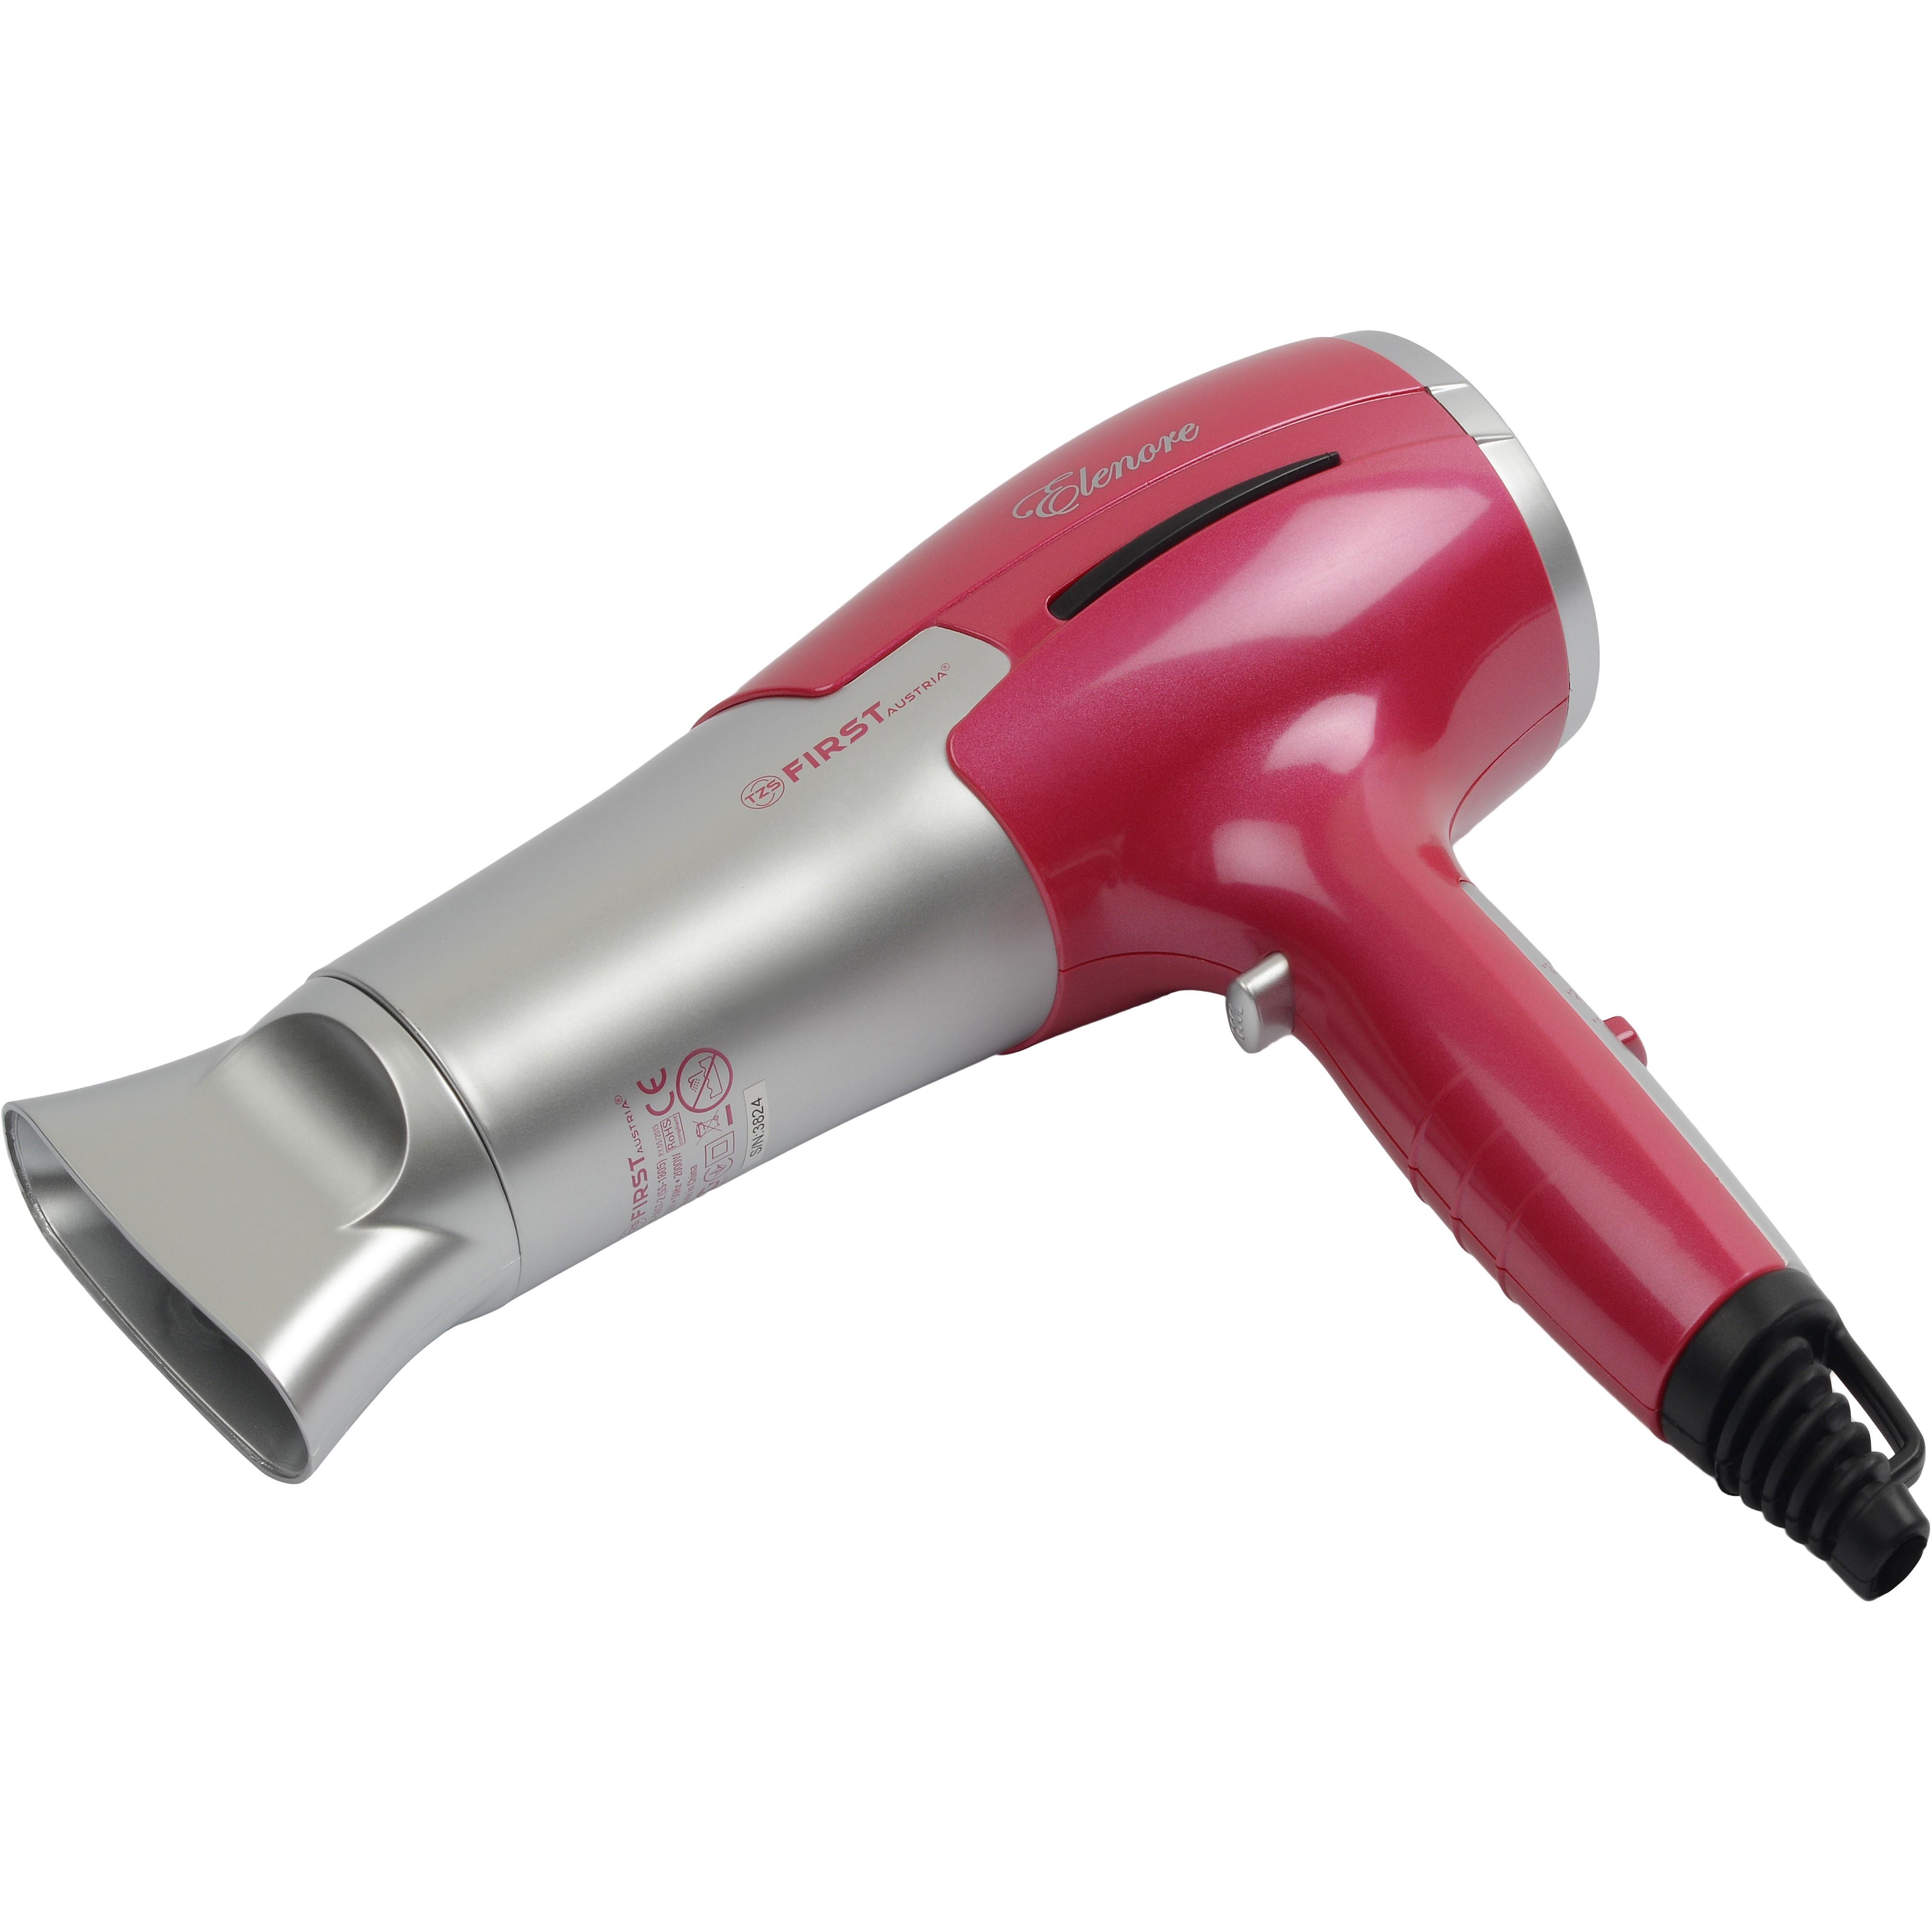 Фен FIRST 5657-2 RedДля сушки волос<br>Фен First FA-5657-2 гармонично сочетает в себе приятный дизайн и оптимальный набор функций, которые позволят быстро высушить волосы и создать стильную укладку.Фен имеет 3 температурных режима, 2 скорости - сочетают в себе комбинации работы, которые помогут вам создать нужный объем волос при укладке.<br>